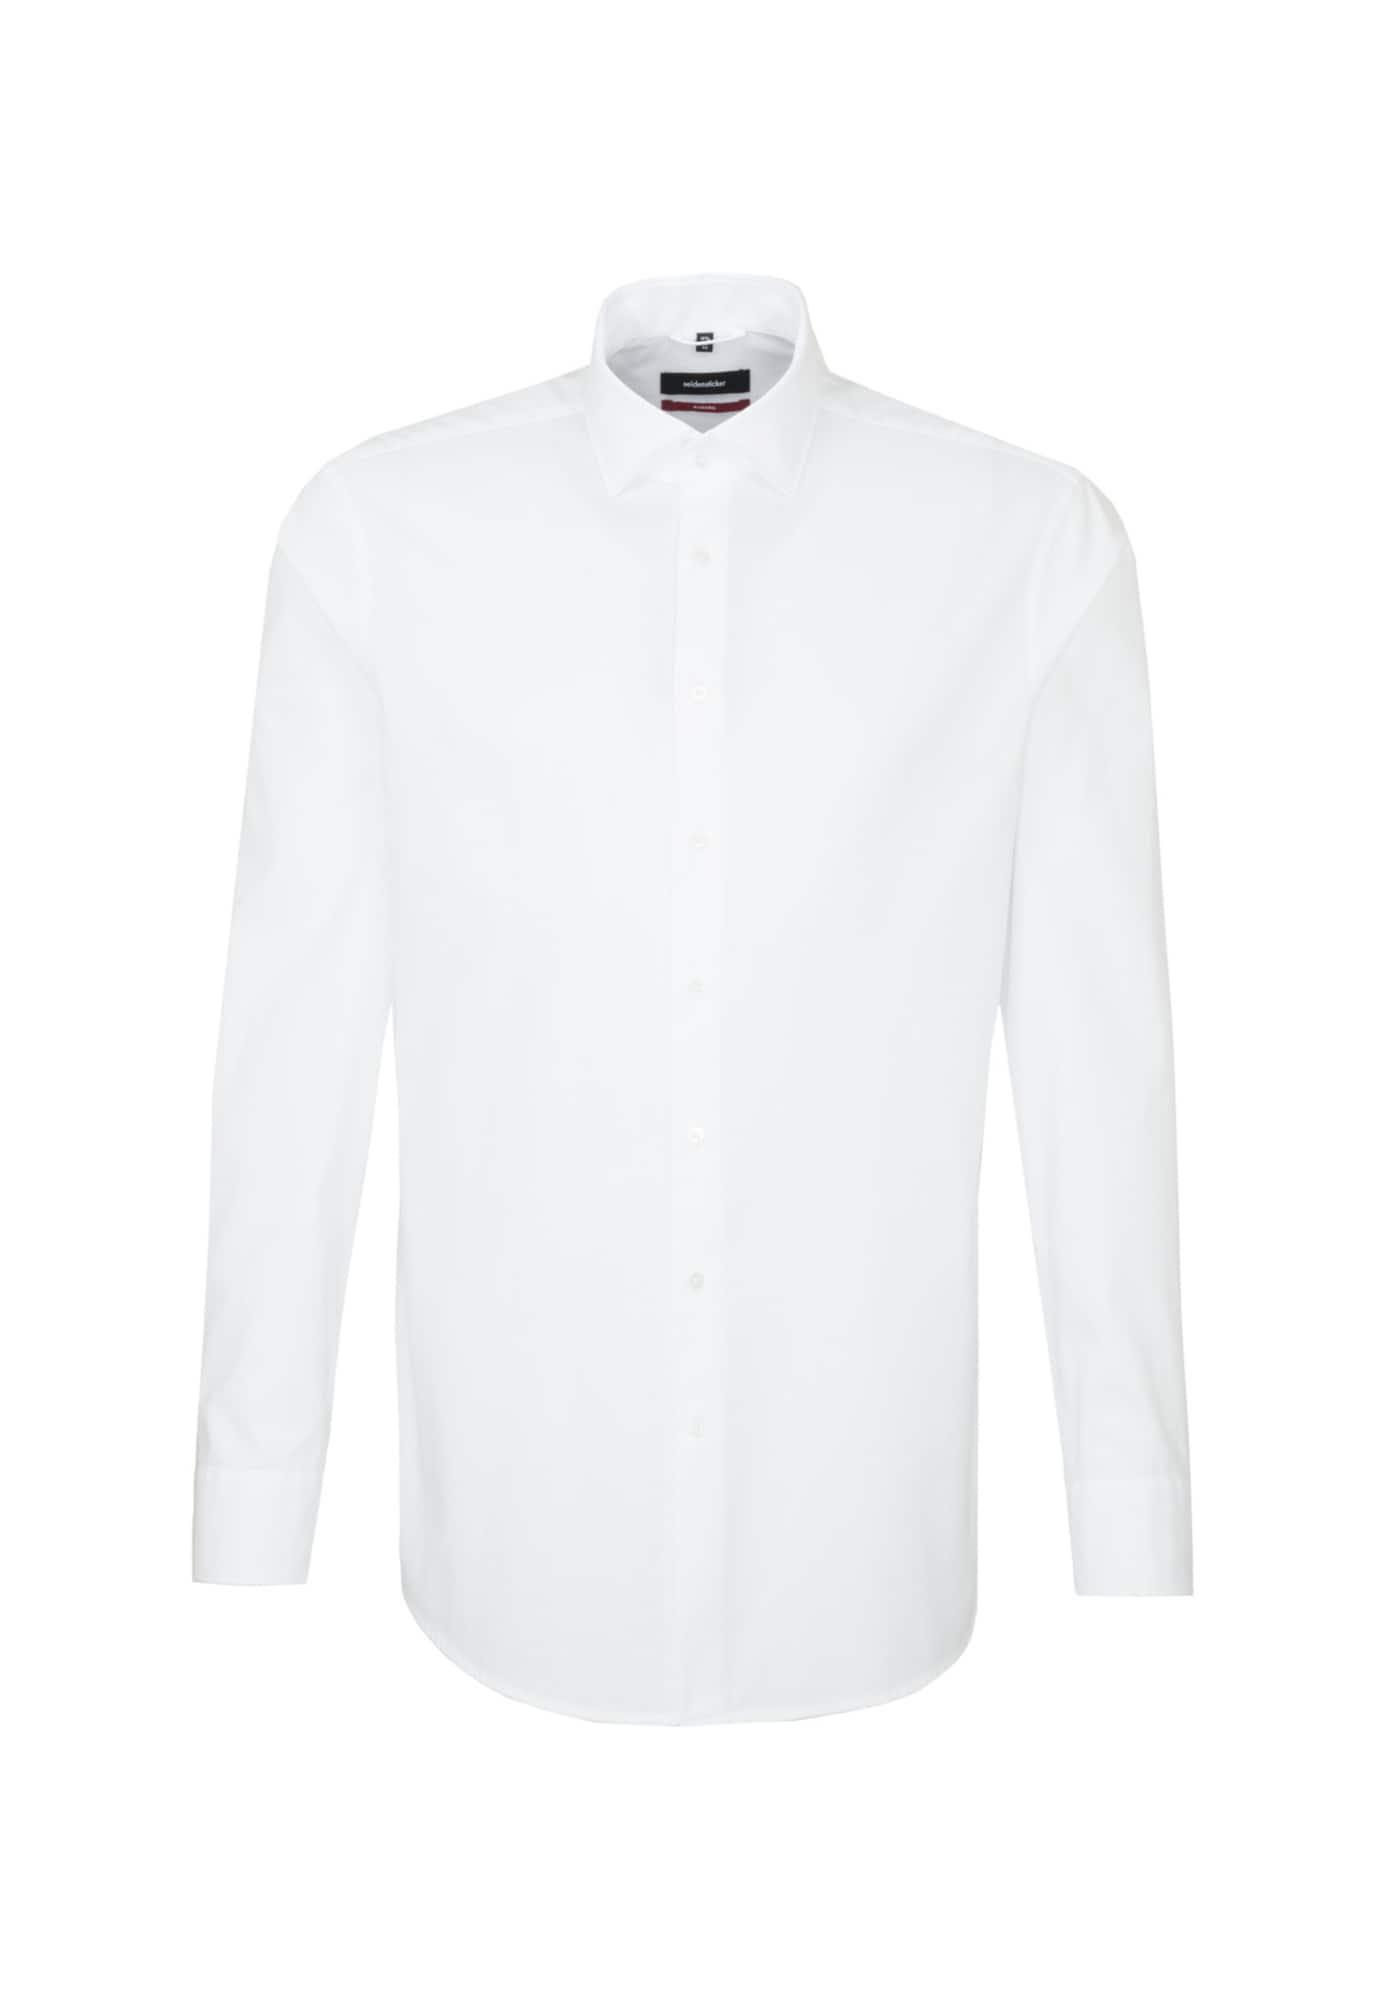 Hemd 'Modern'   Bekleidung > Hemden > Sonstige Hemden   Weiß   SEIDENSTICKER